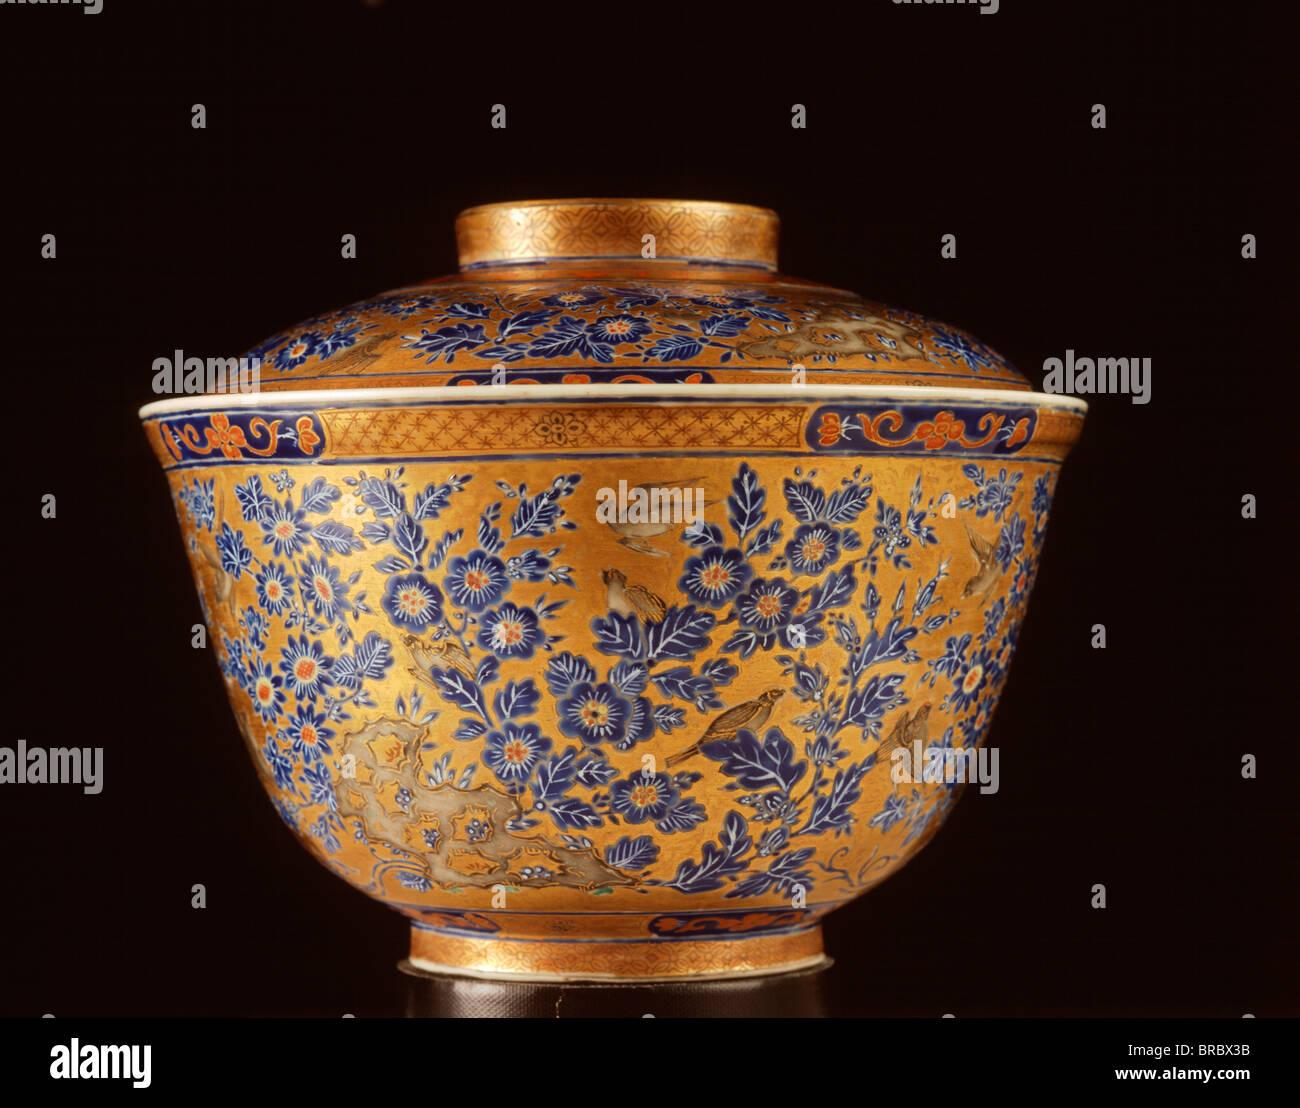 Covered Nai Lam Thong bowl, a type of Bencharong, Rattanakosin, Prasat Museum, Bangkok, Thailand - Stock Image